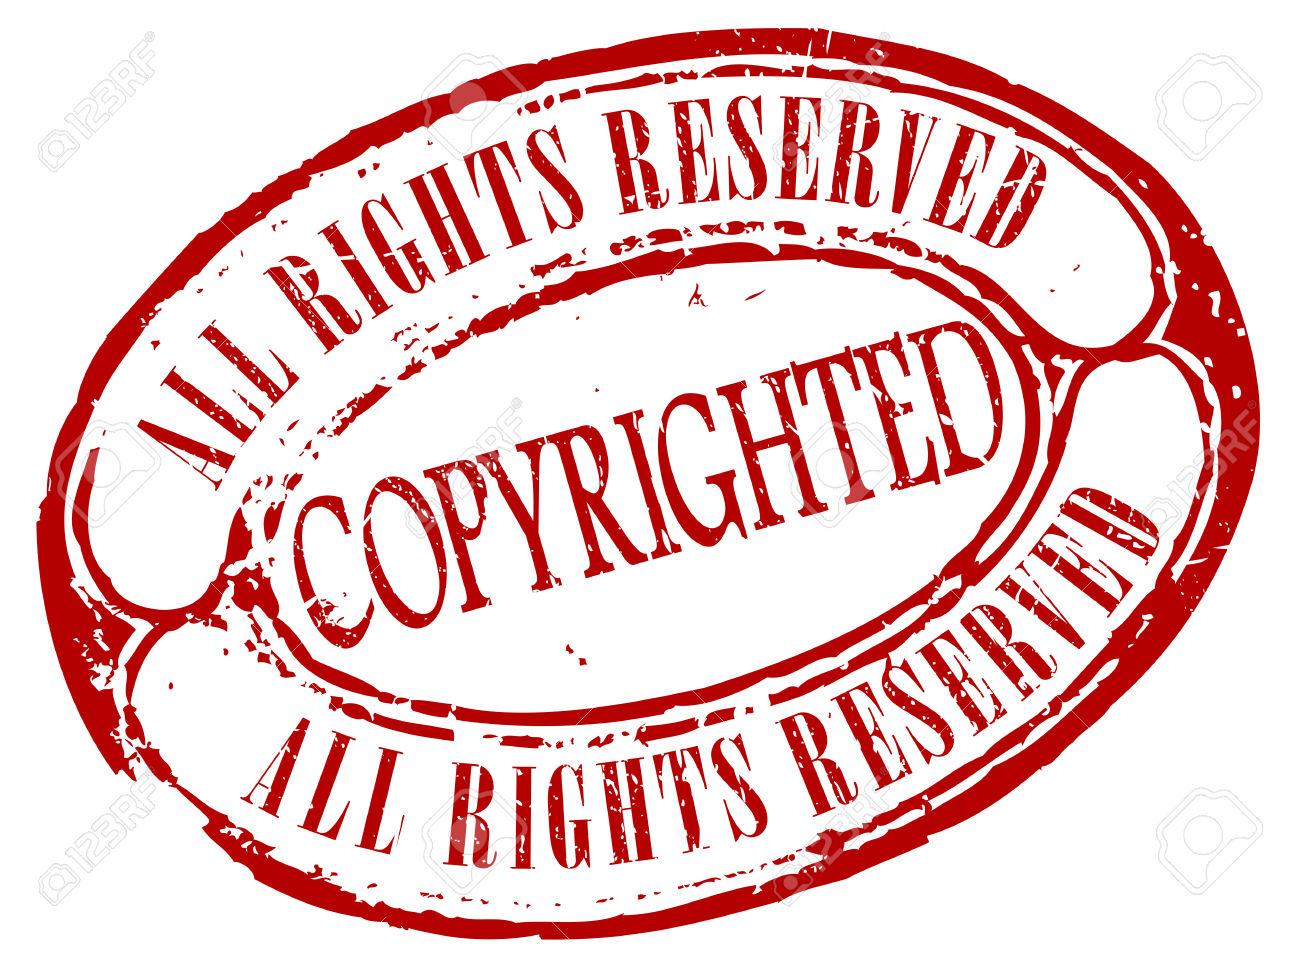 Retro Urheberrechtlich Geschützt Stempel Lizenzfrei Nutzbare.